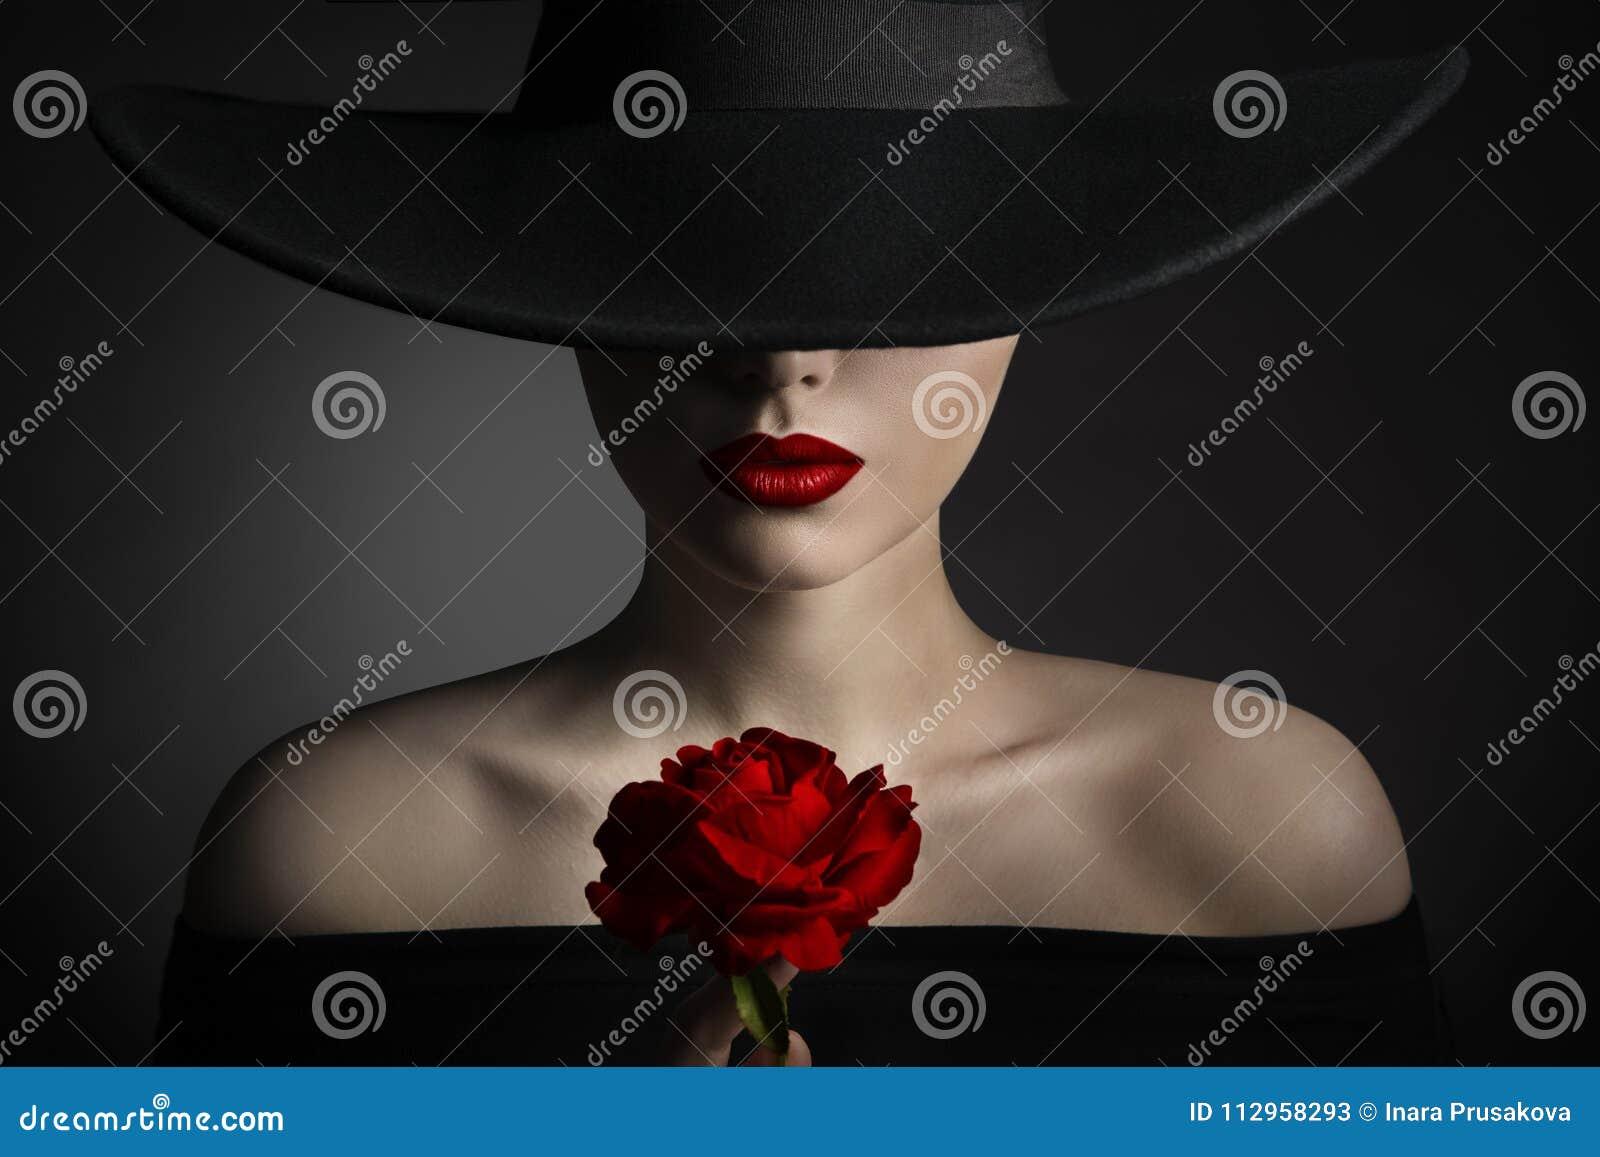 Губы женщины цветка красной розы и черная шляпа, красота фотомодели